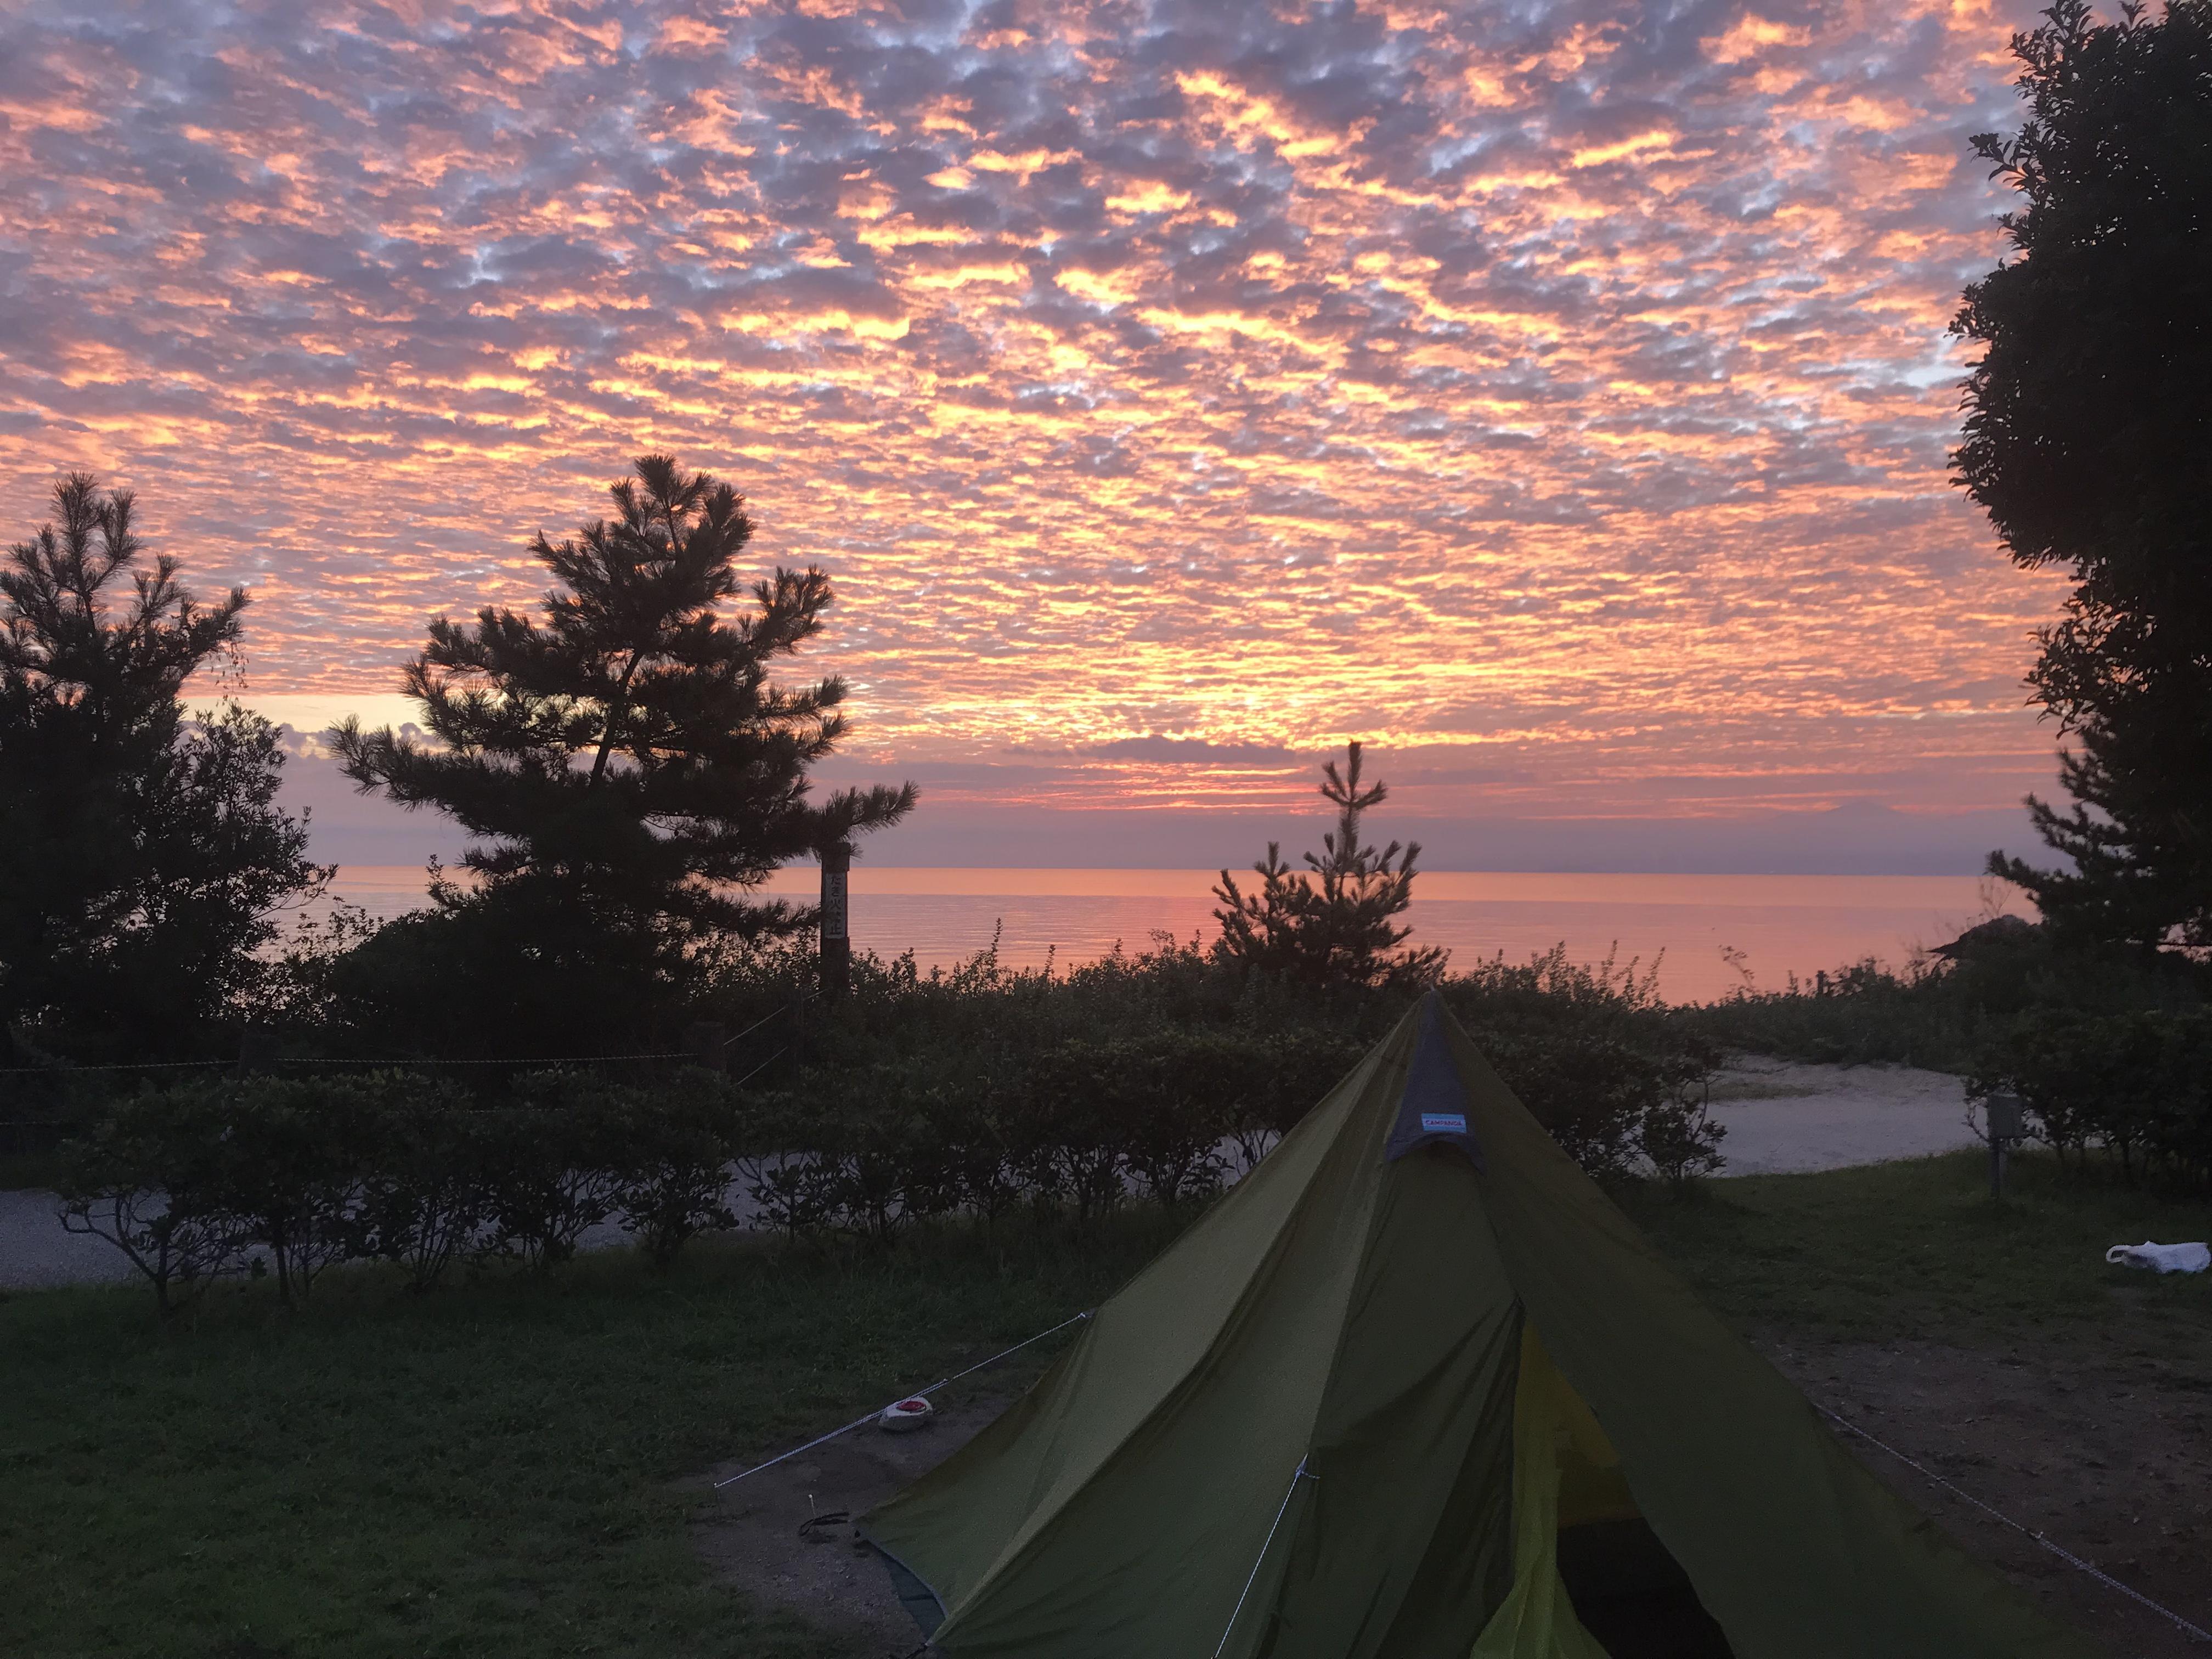 西条市にある「休暇村瀬戸内東予」でキャンプ!設備や周辺施設を含めた使い方をレビューするよ!